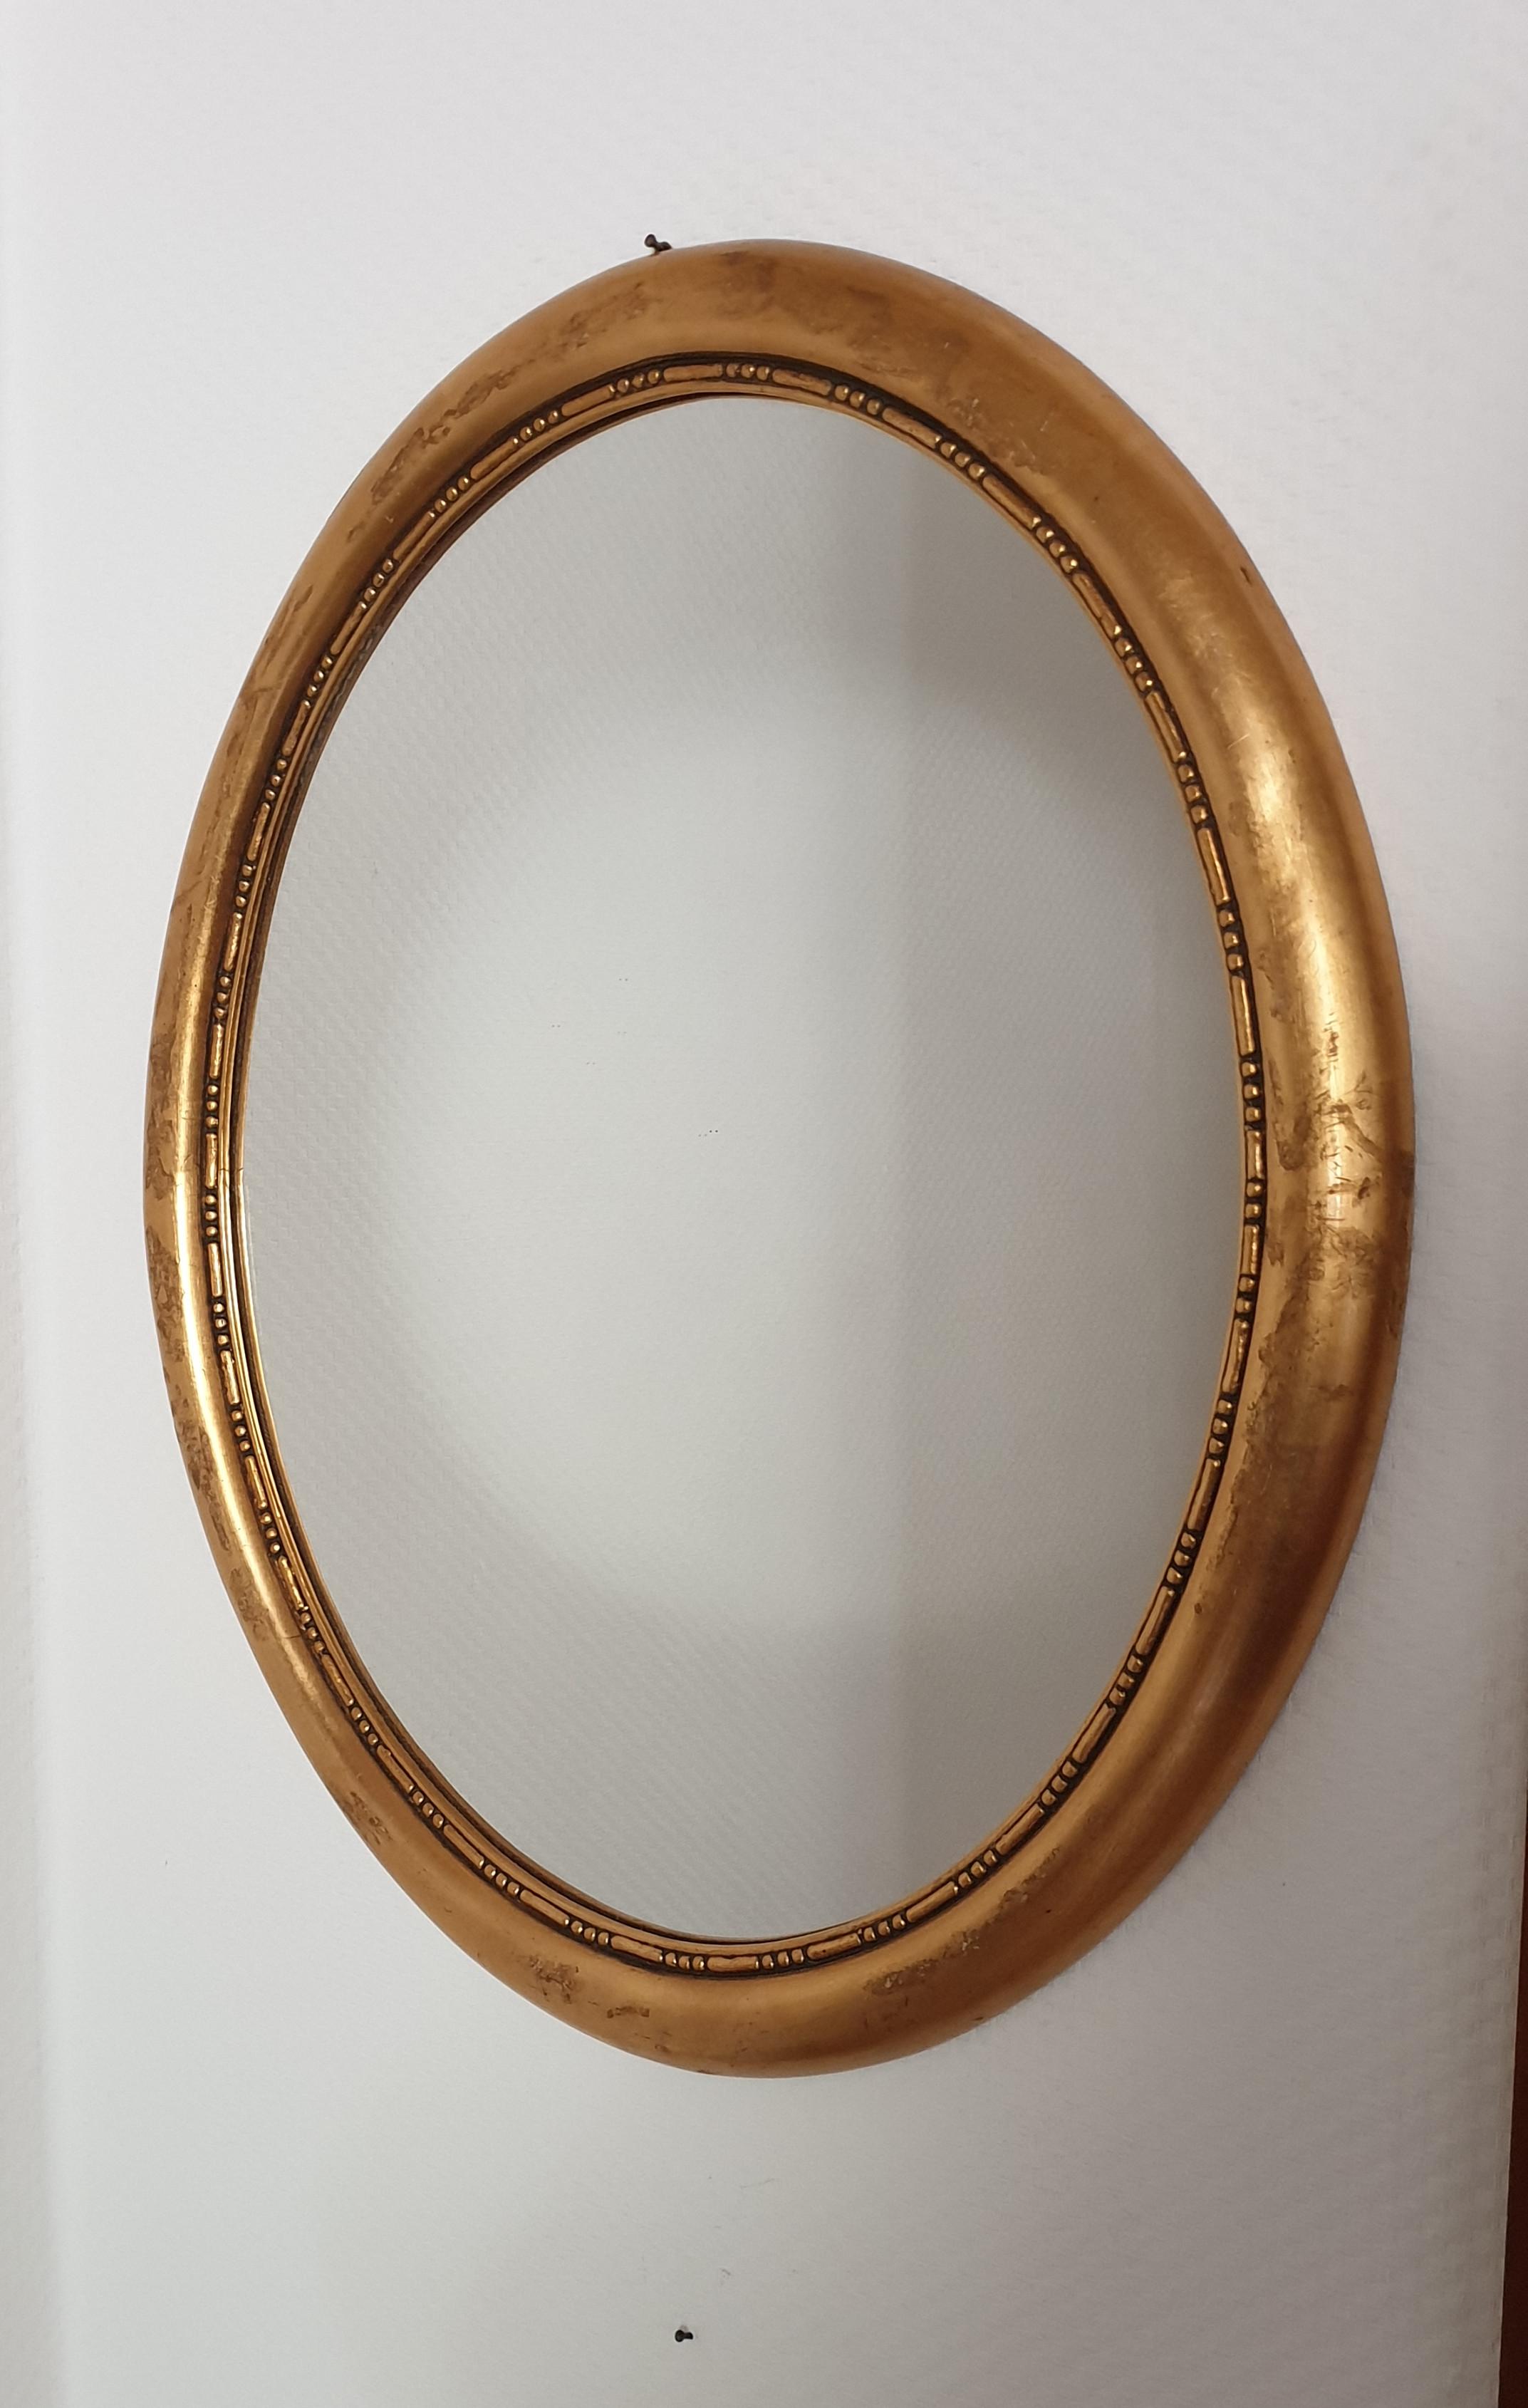 ovaler Spiegel mit vergoldetem Rahmen